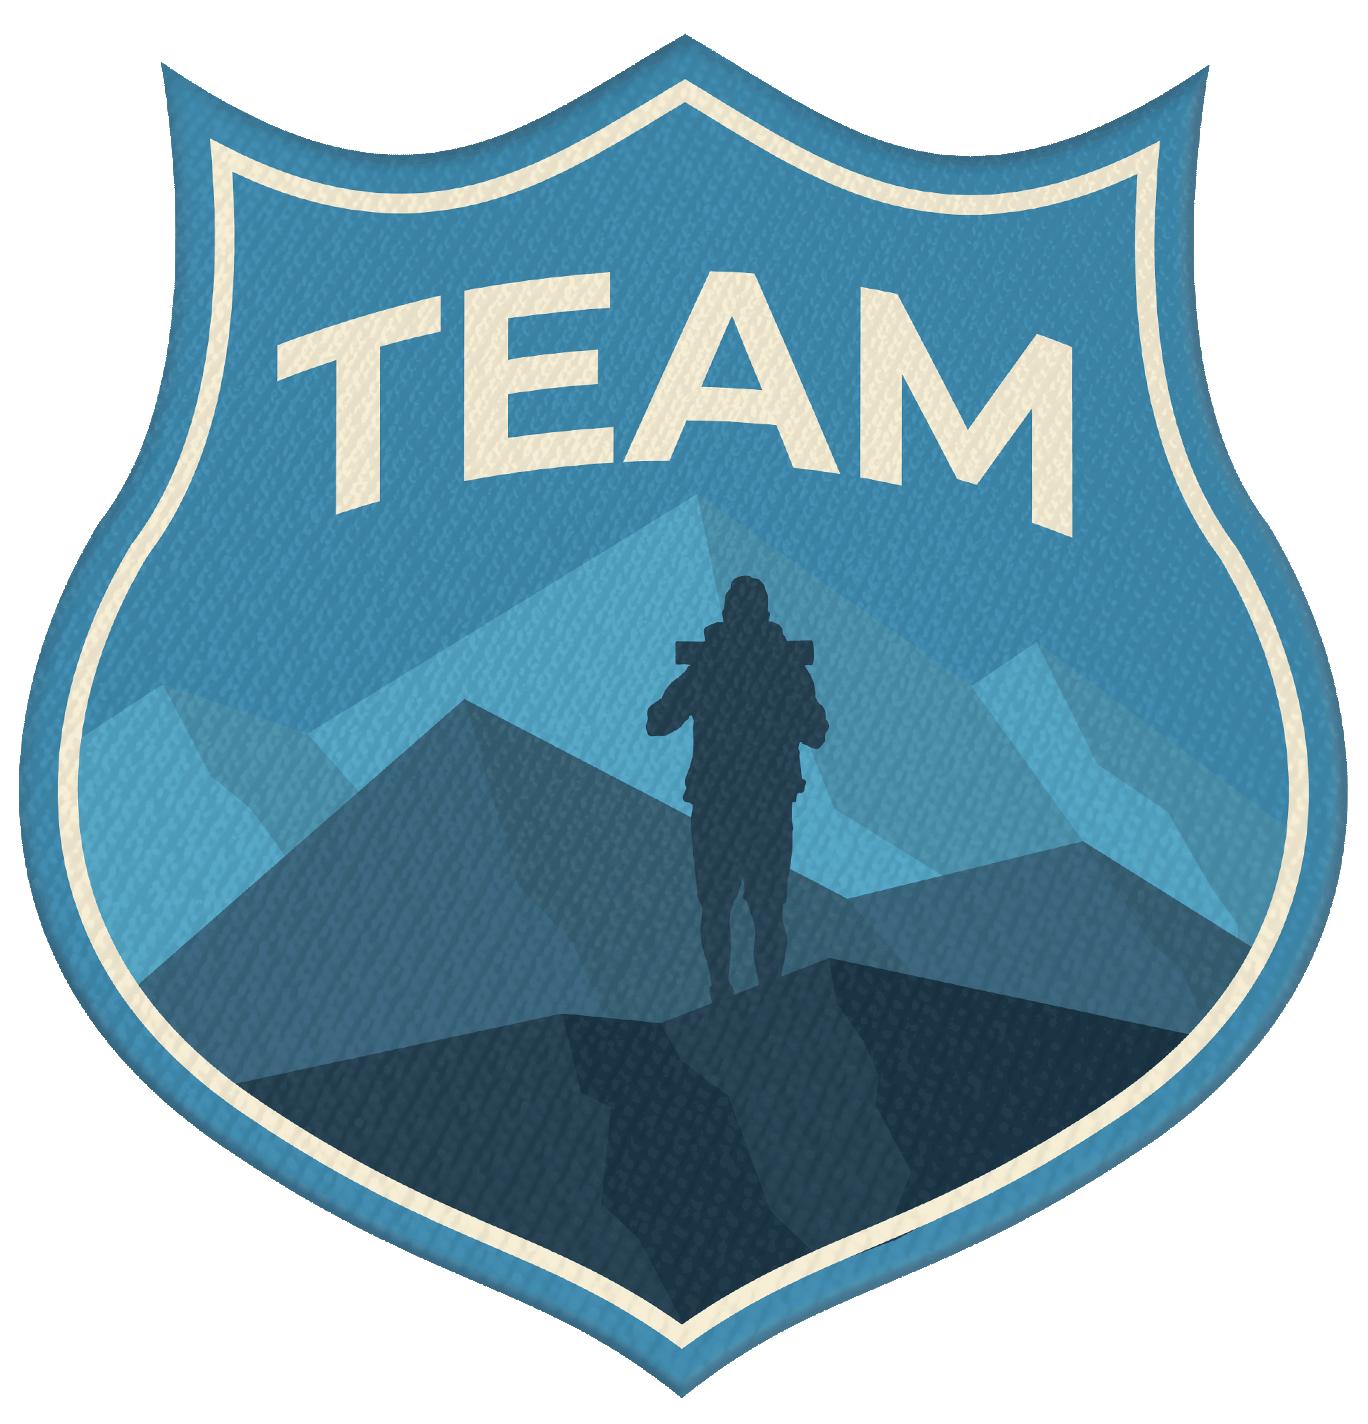 teamIconblue